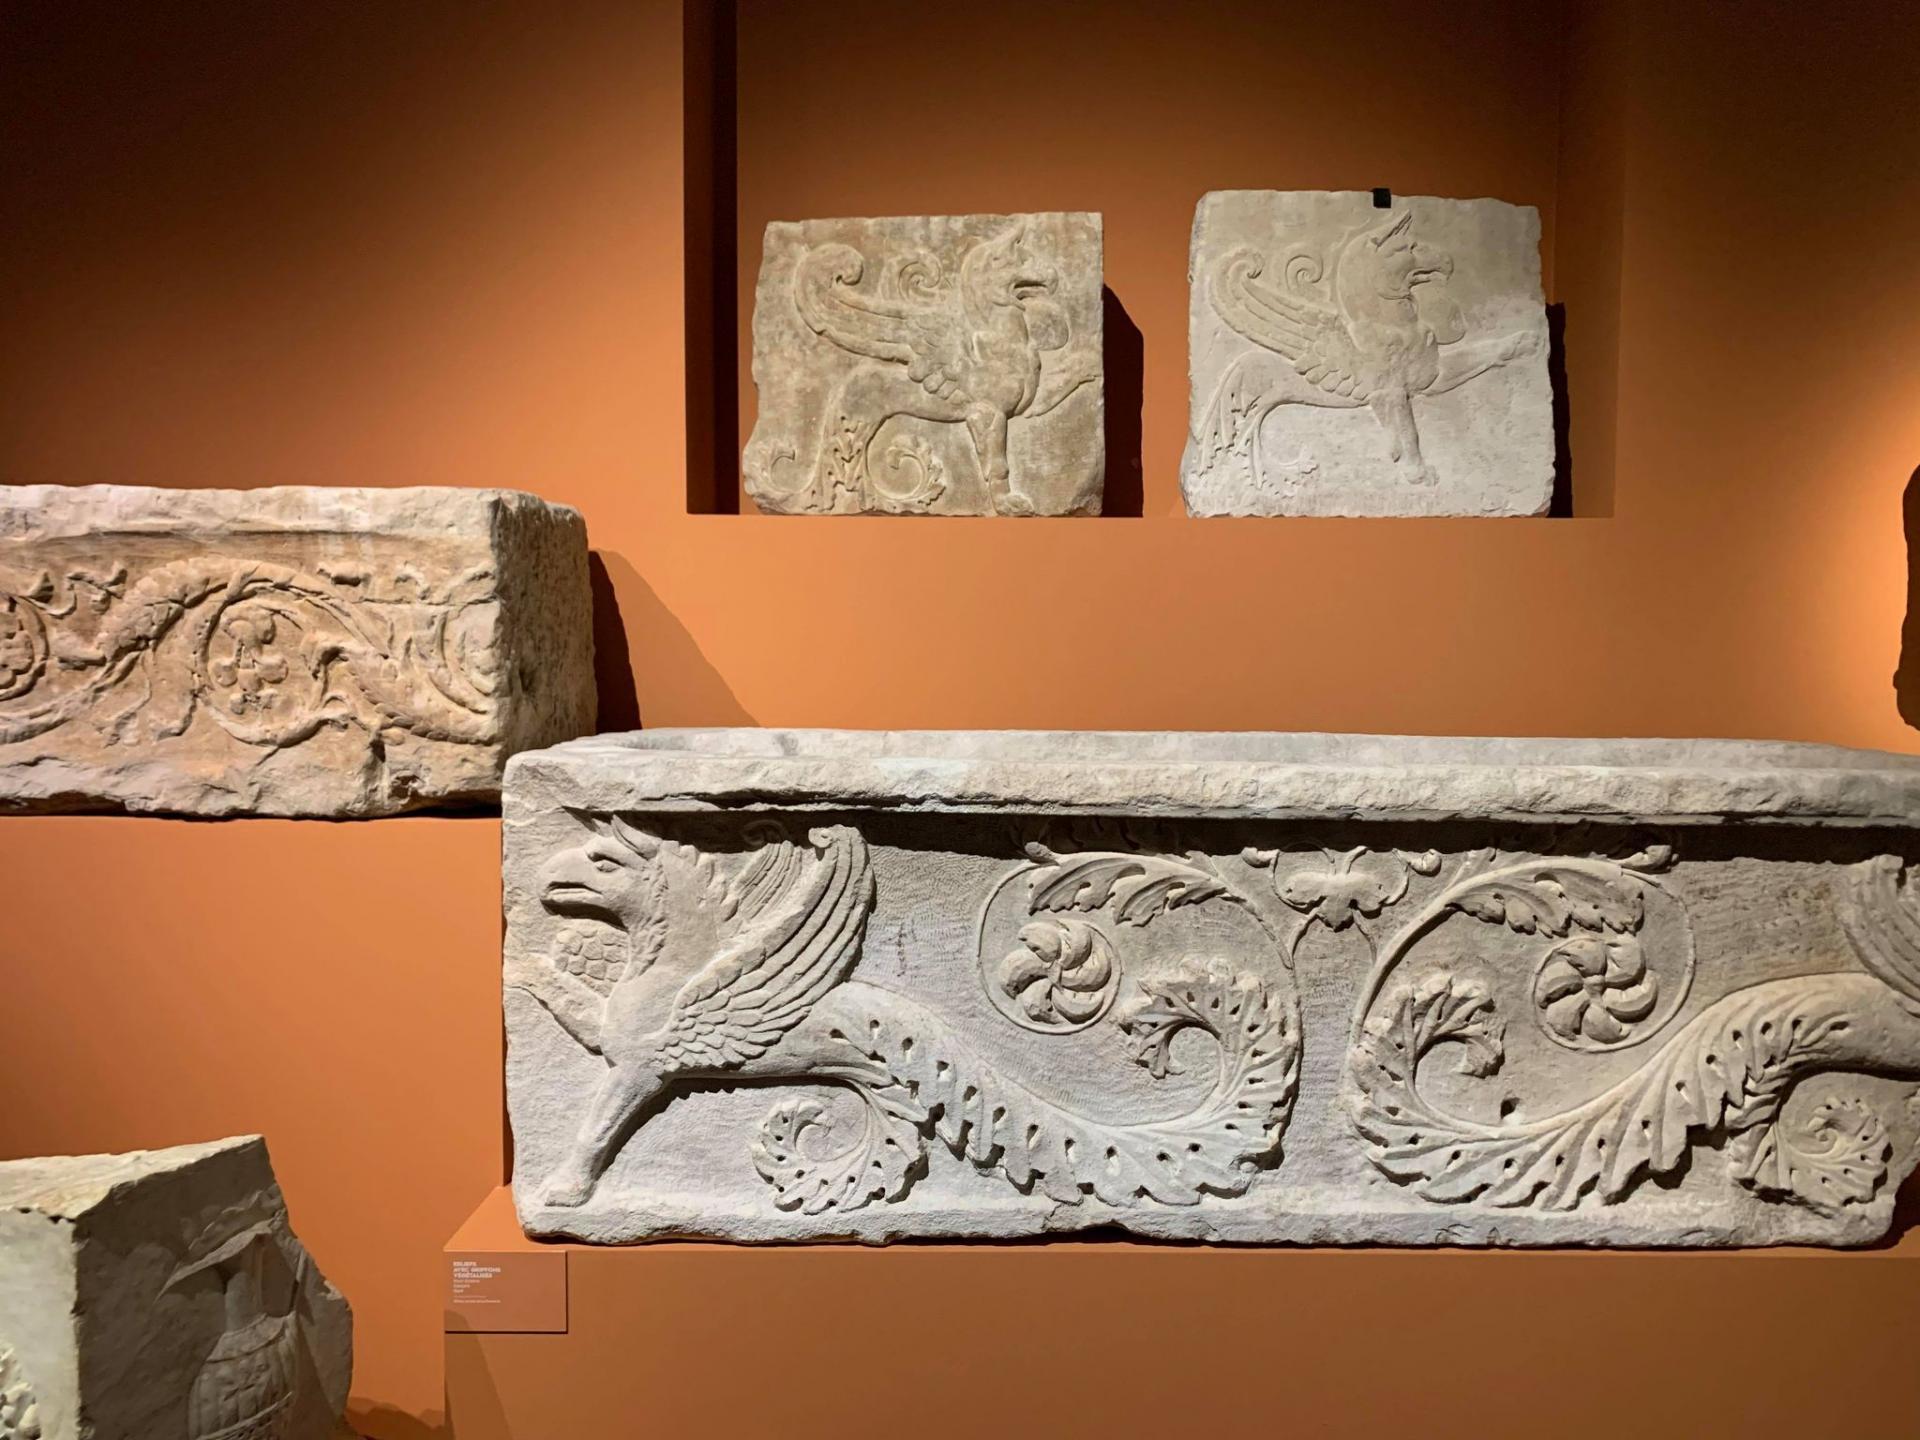 L empereur romain un mortel parmi les dieux 5 1